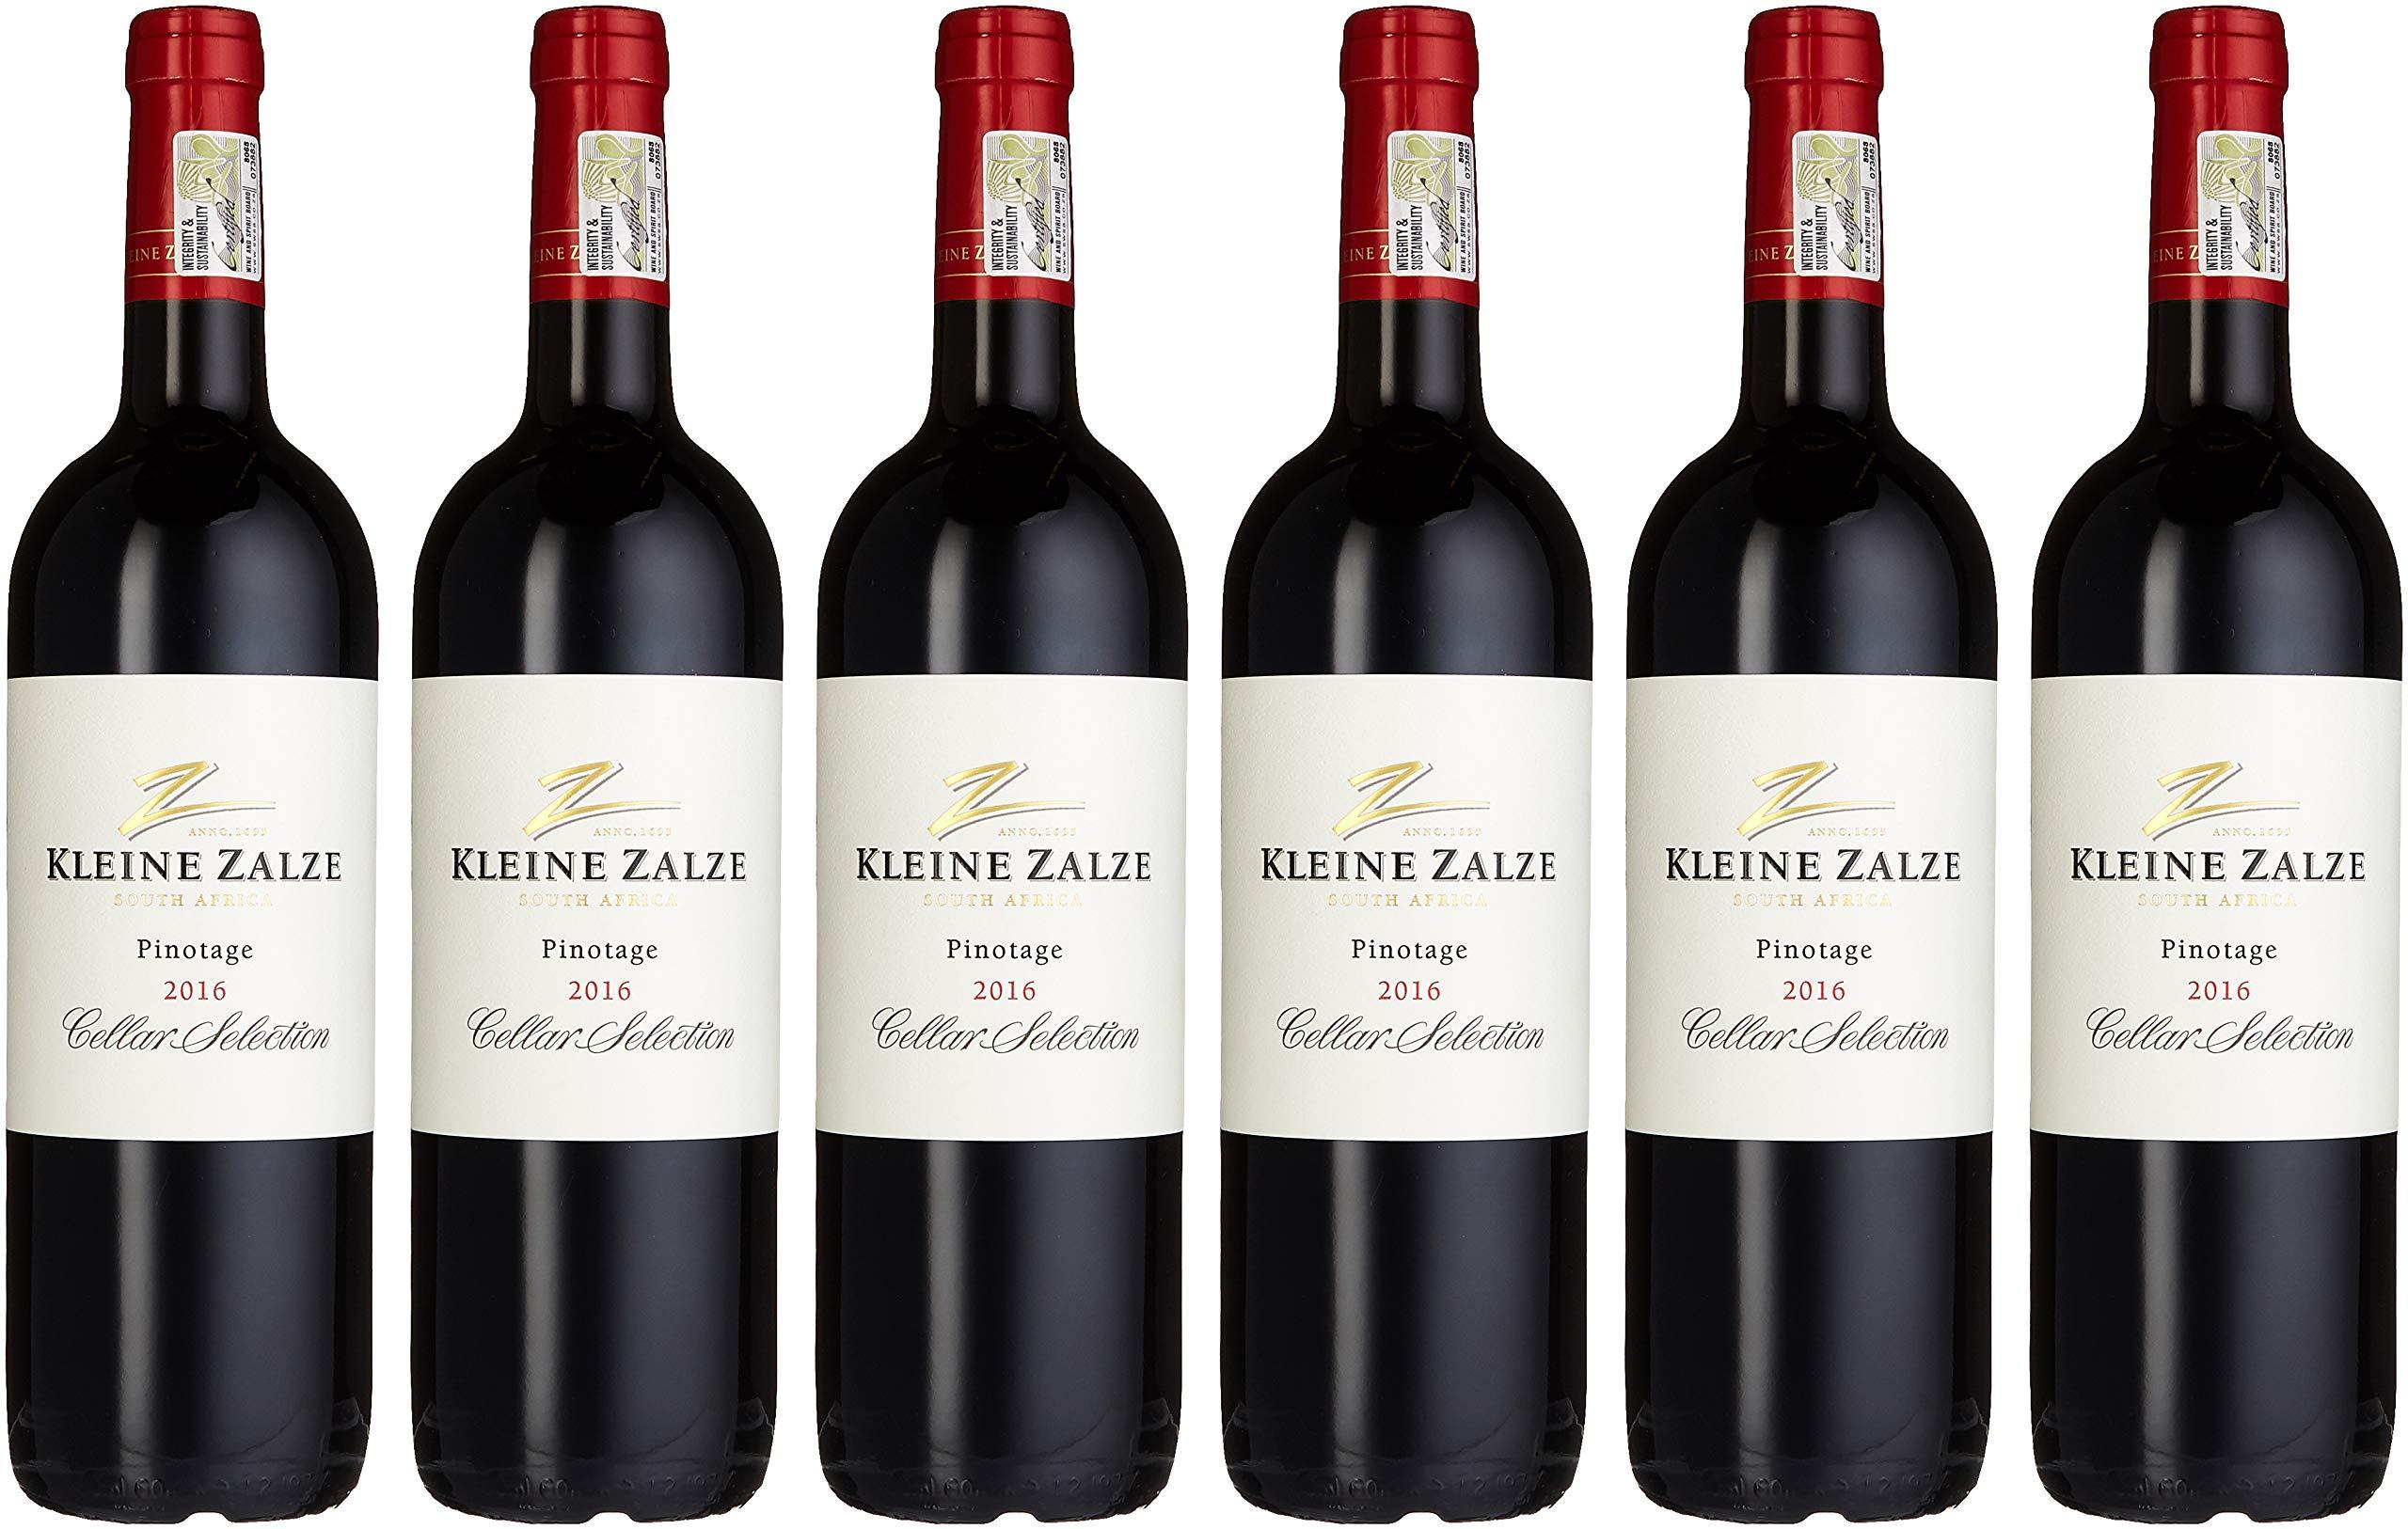 Kleine-Zalze-Cellar-Sellection-Pinotage-2011-trocken-6-x-075-l